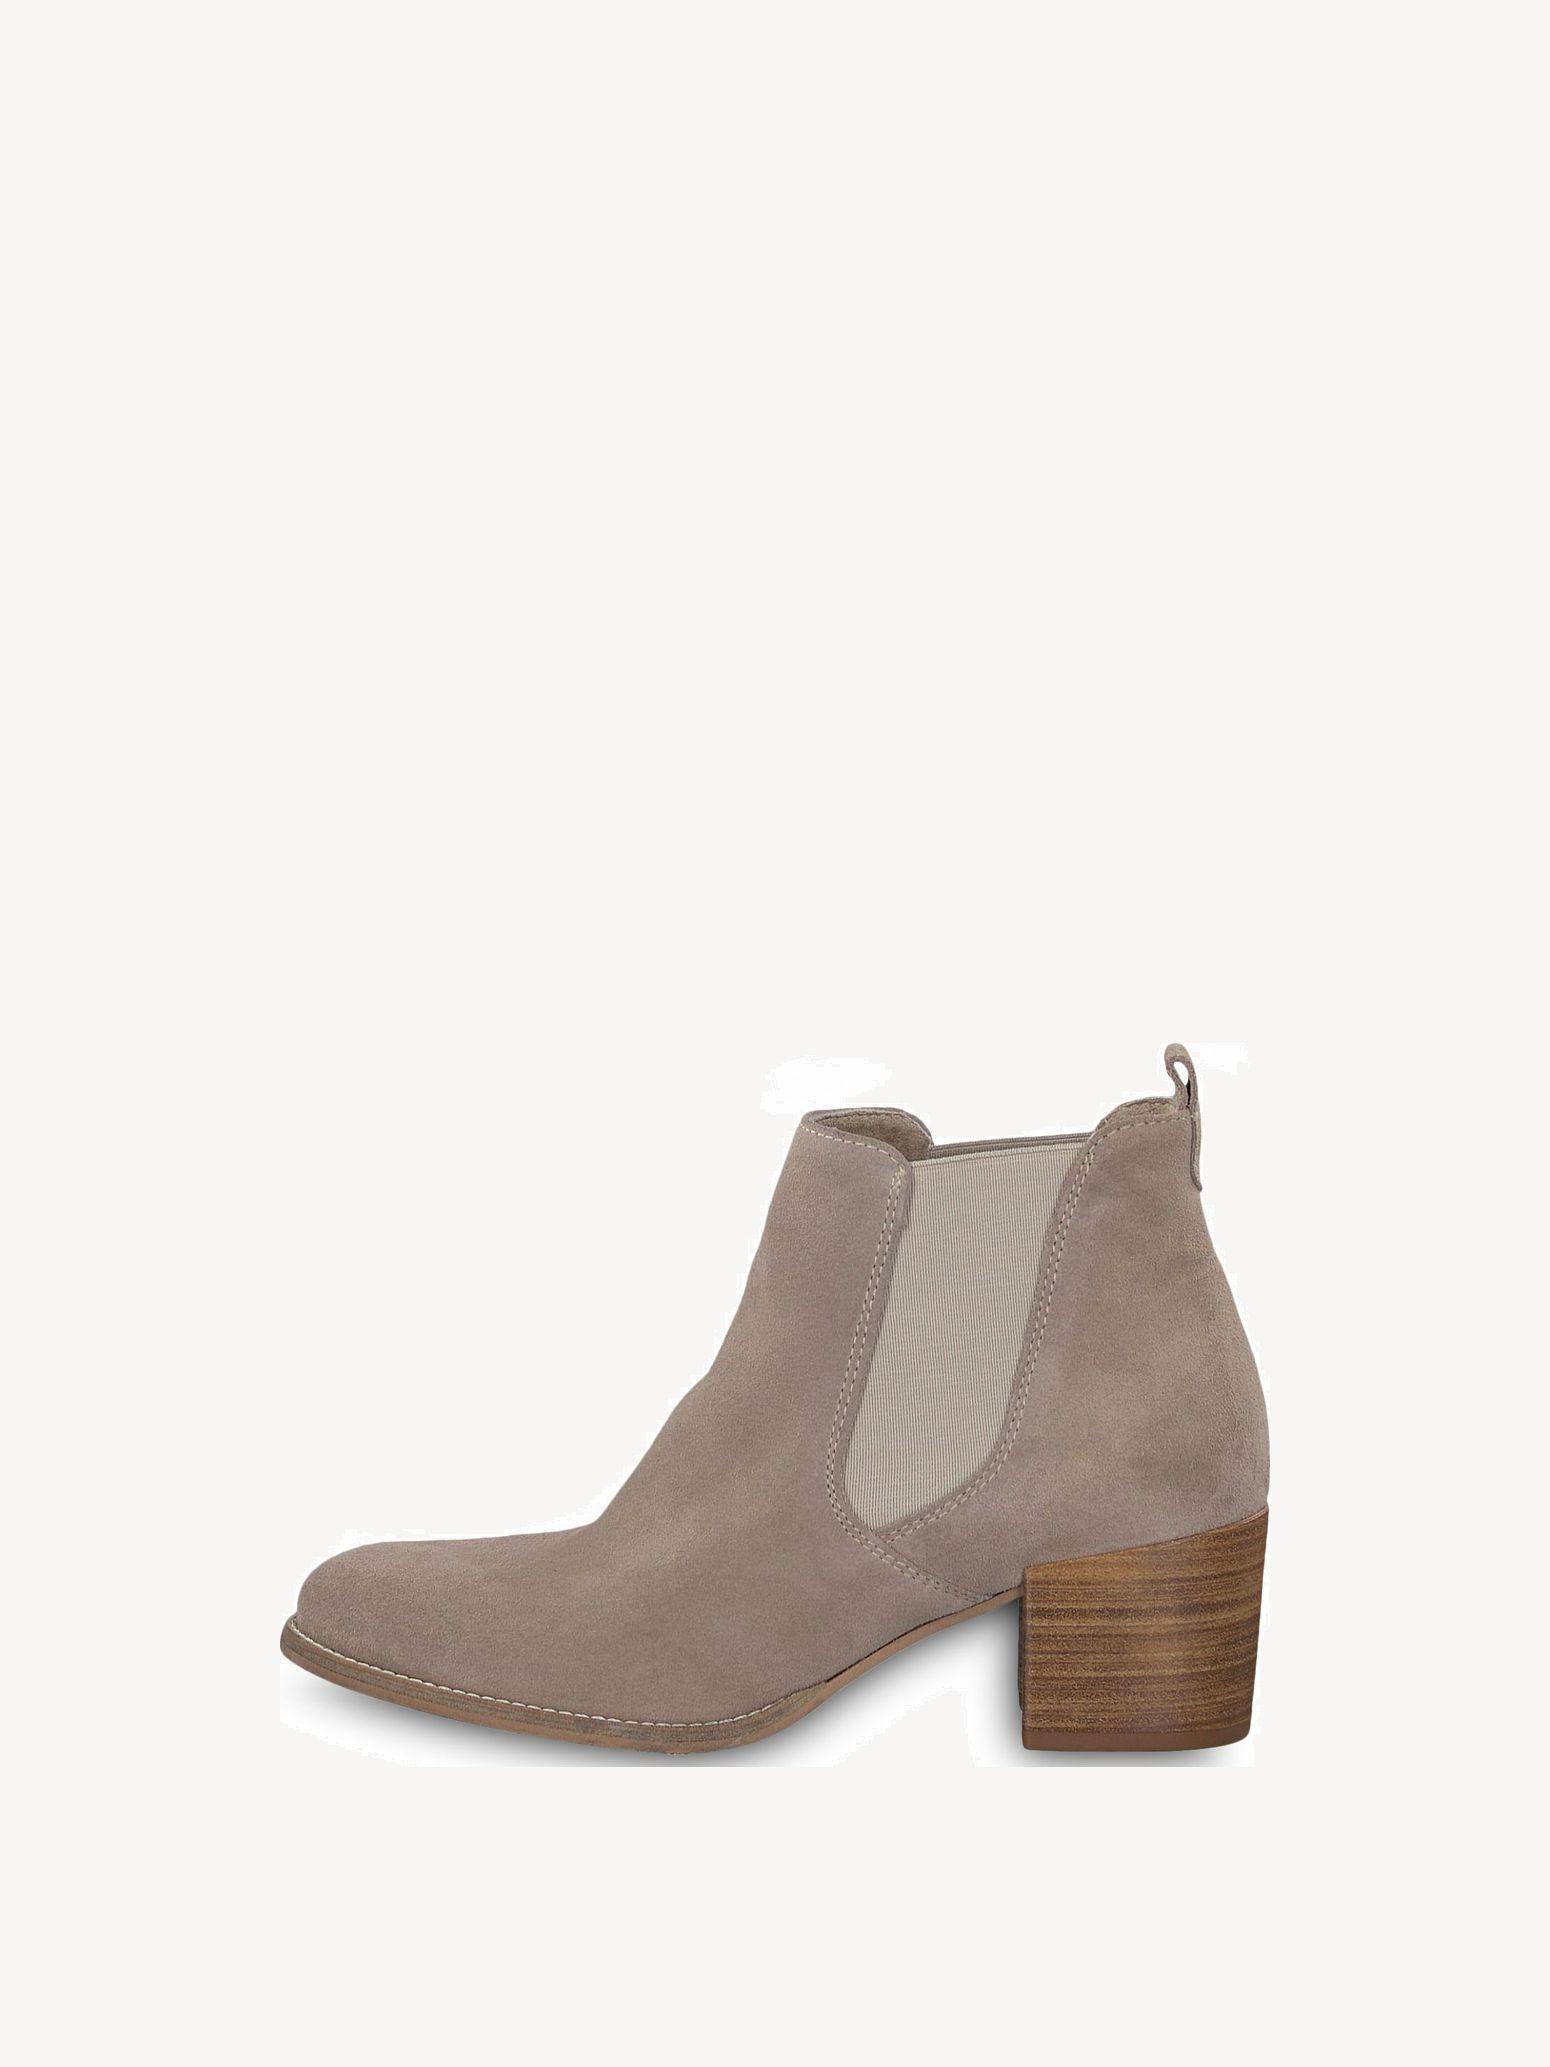 Tamaris Stiefeletten 38 Leder taupe Schuhe Stiefel